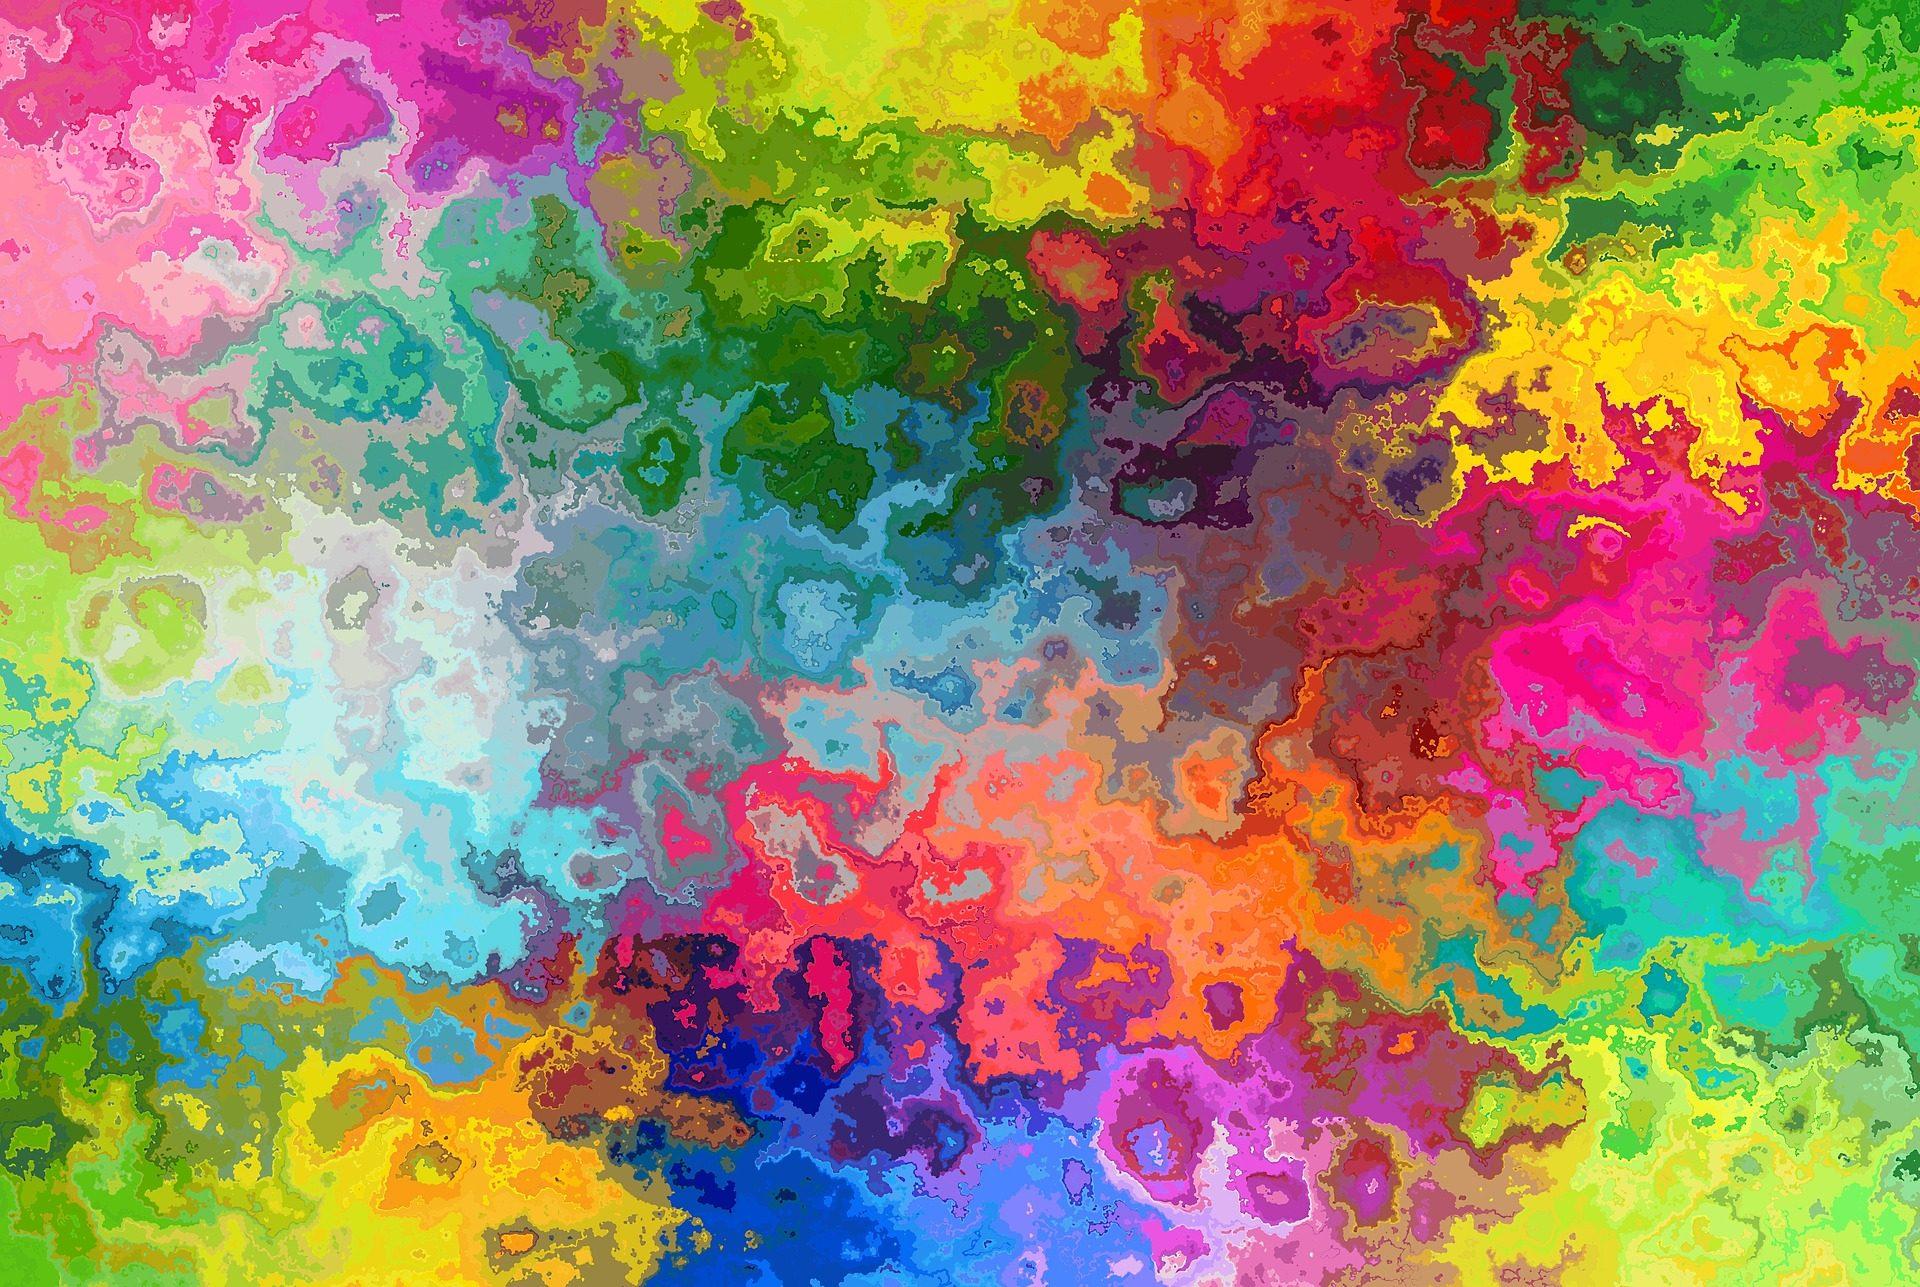 cores, Formas, figuras, padrão, textura - Papéis de parede HD - Professor-falken.com